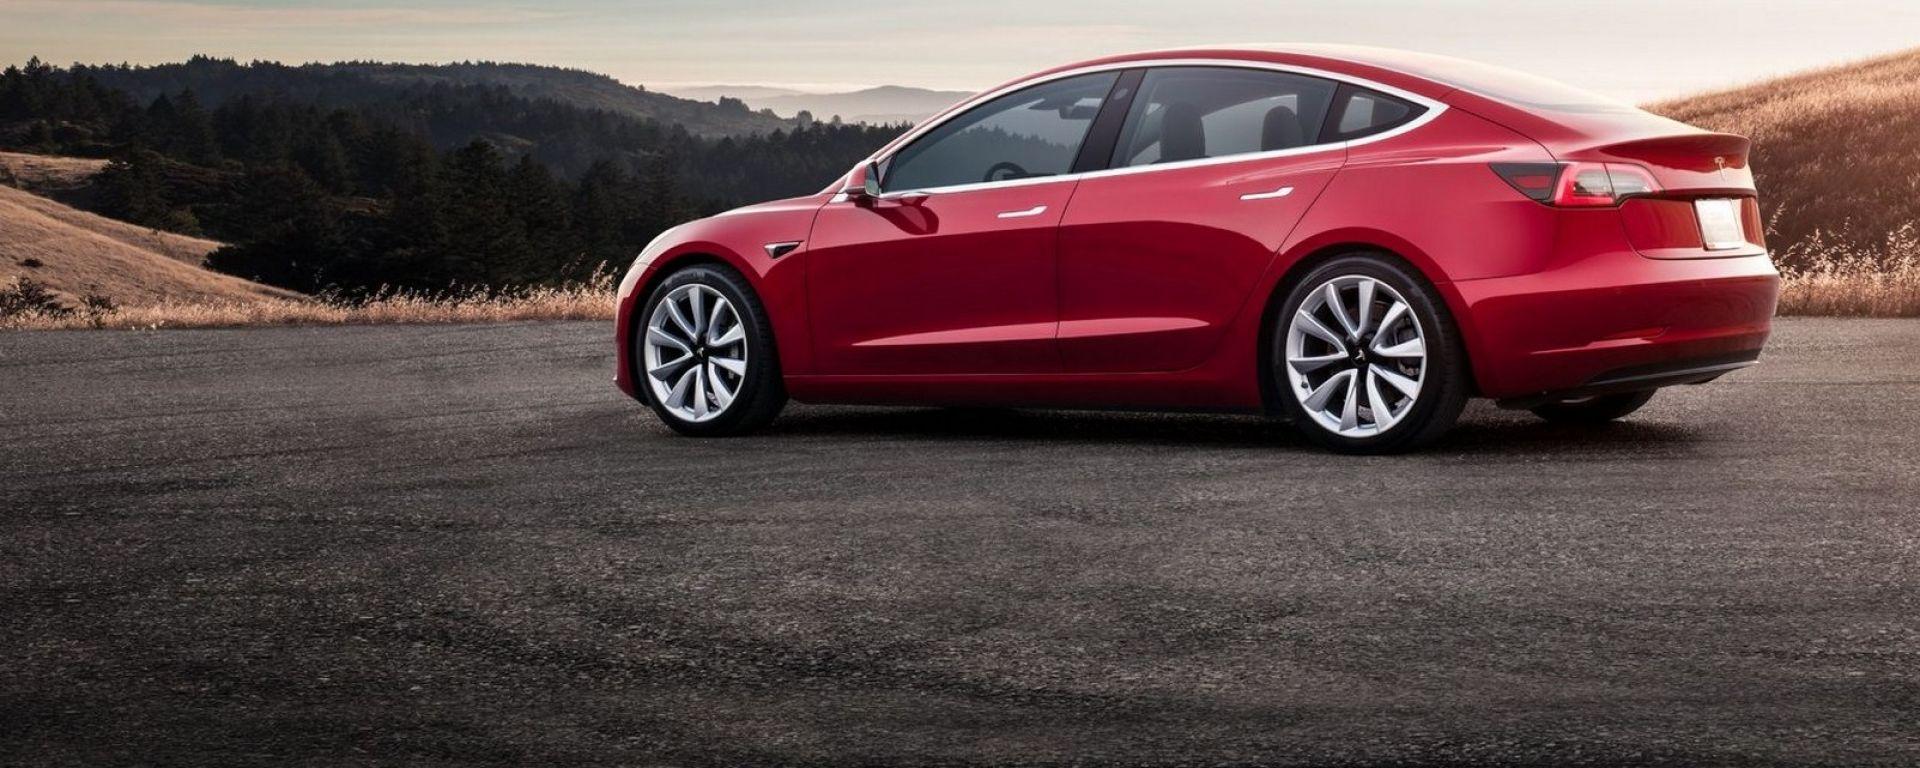 Tesla Model 3, cifre da capogiro per importarla dagli Stati Uniti